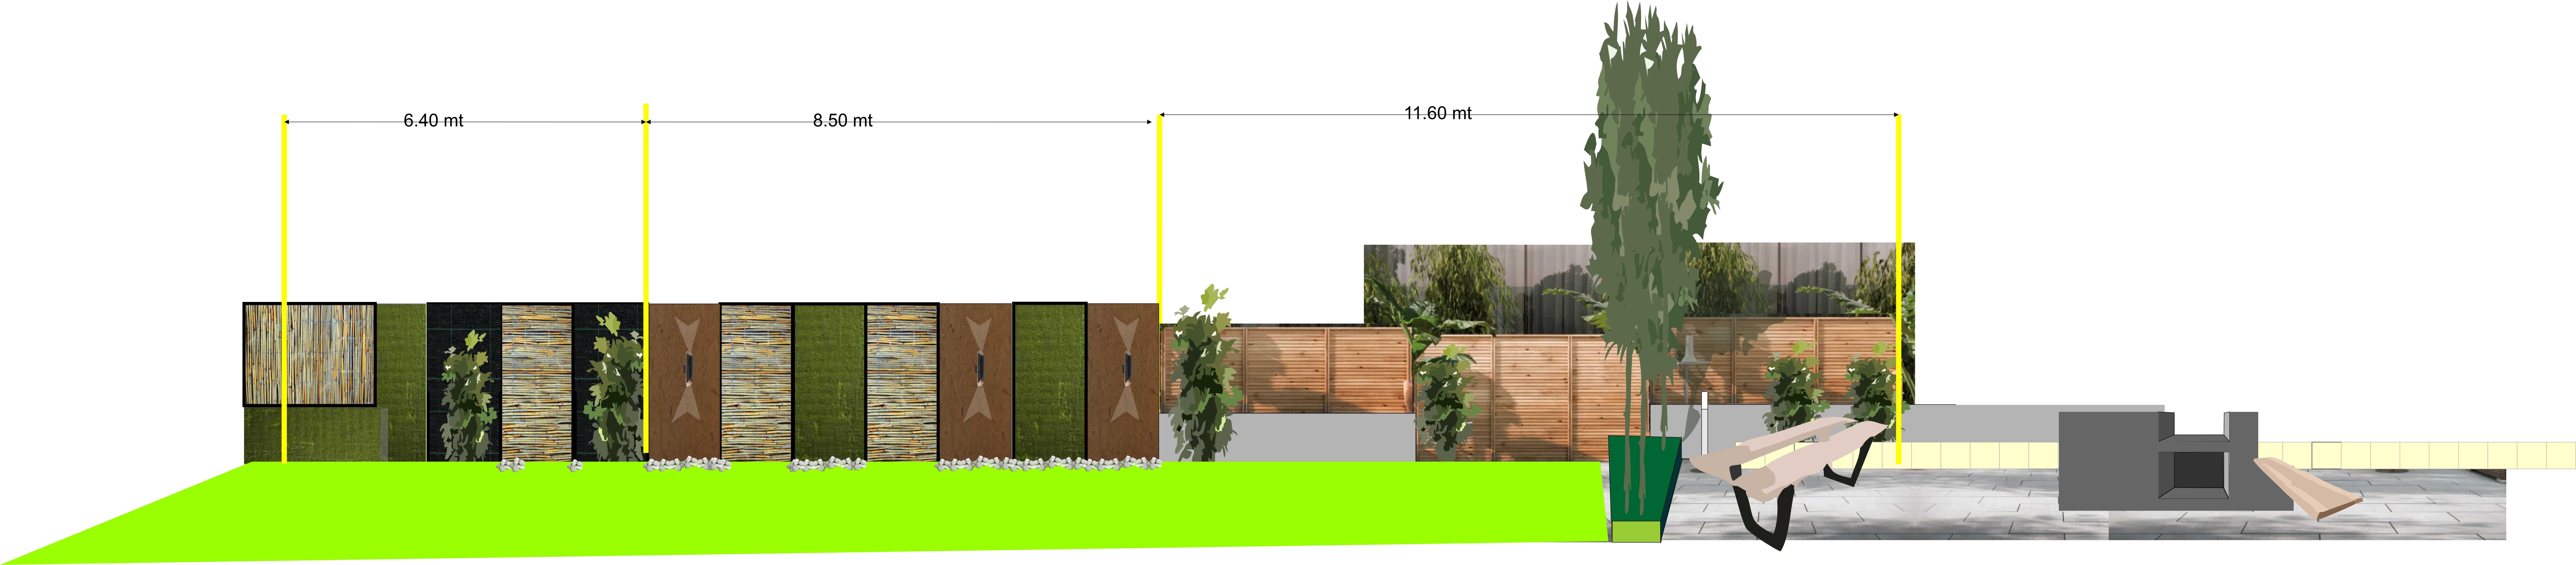 Disegno di muro perimetrale in scala